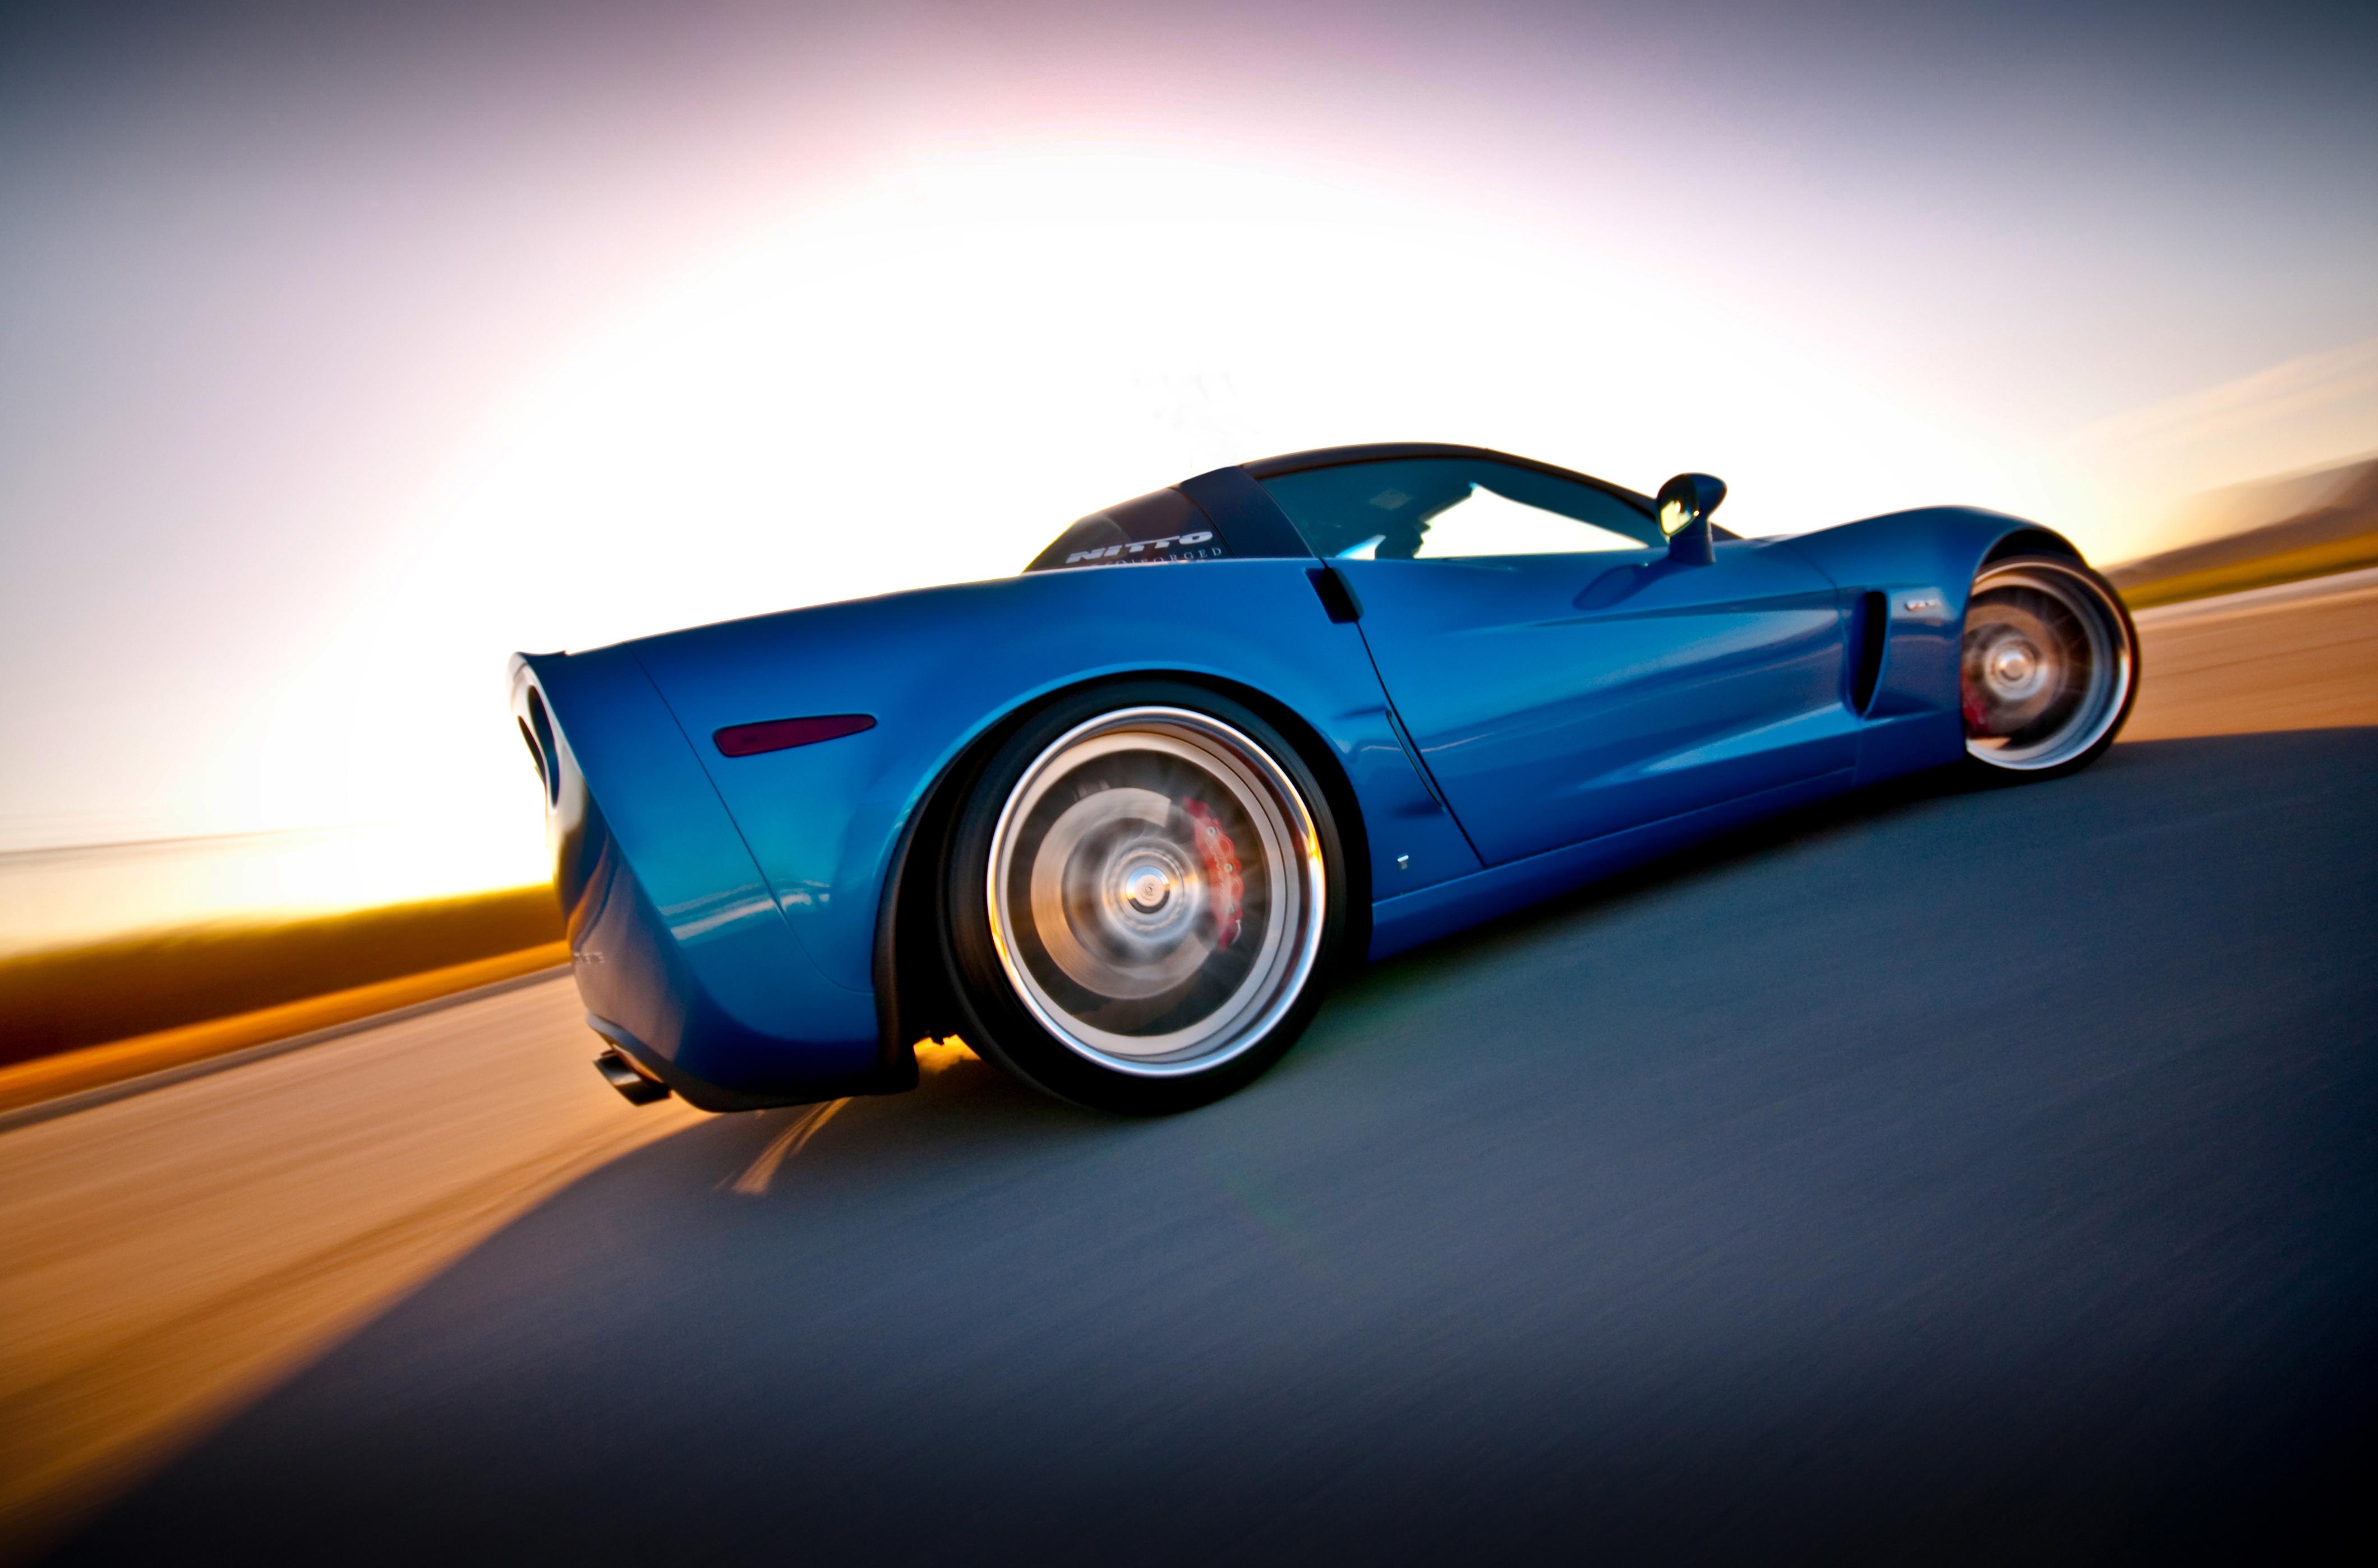 Wallpaper Chevrolet Chevrolet Corvette Corvette C6 Z06 4240x2796